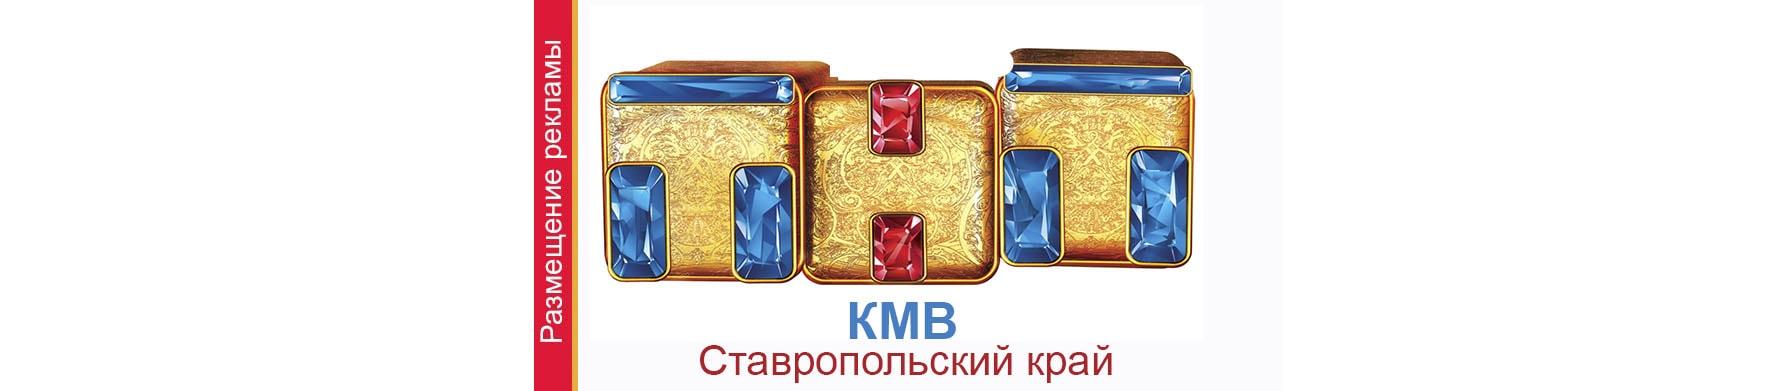 Реклама на телевидении в Ставропольском крае ТНТ КМВ